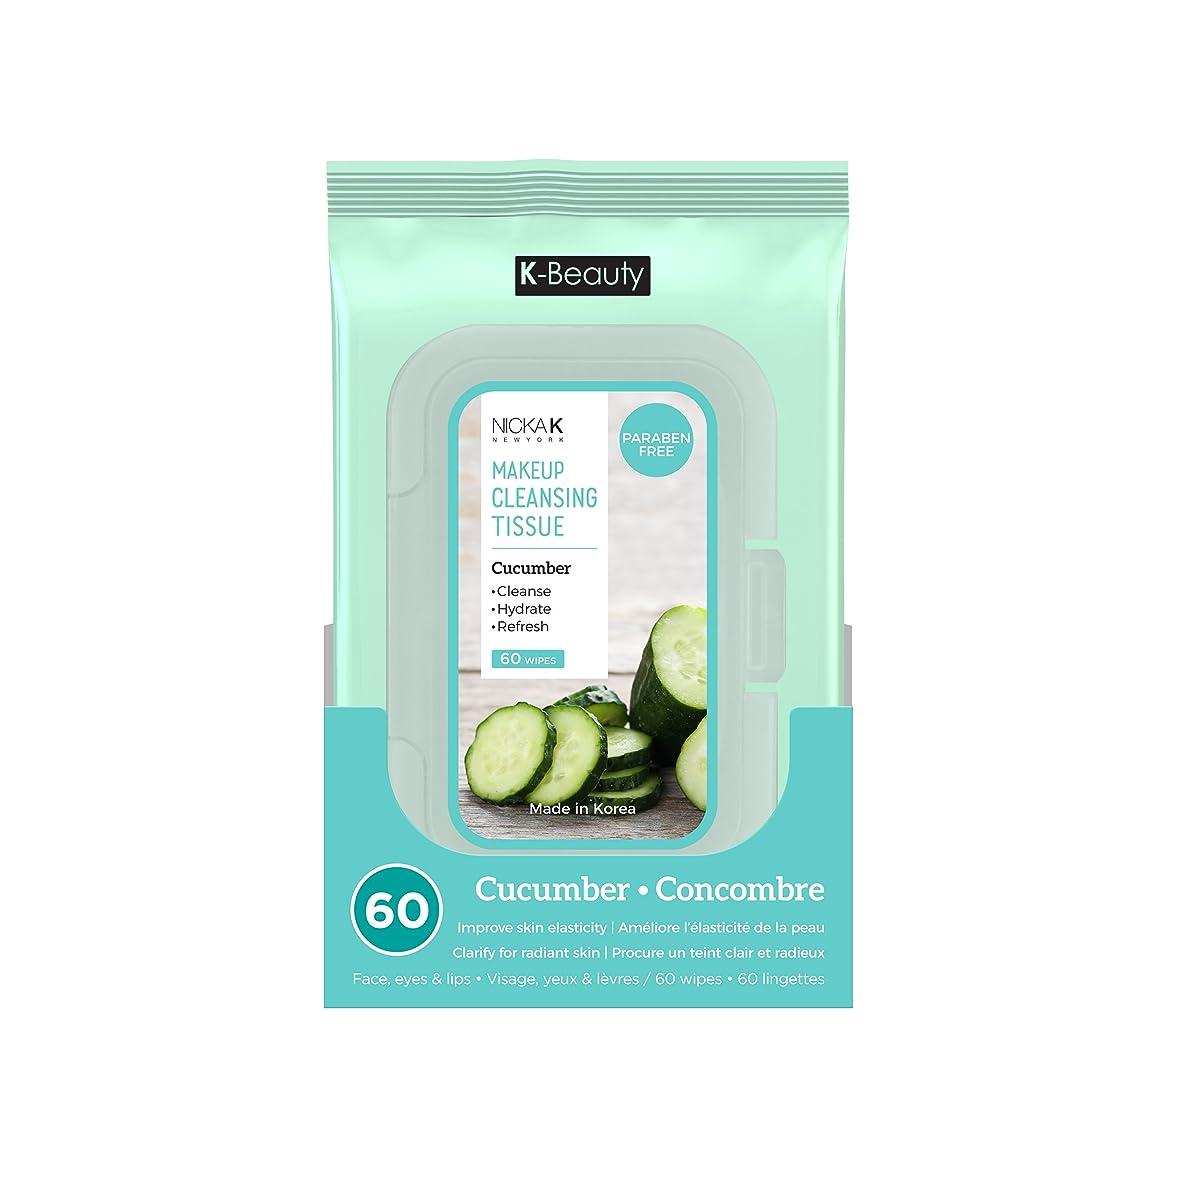 デイジー面積コメンテーターNICKA K Make Up Cleansing Tissue - Cucumber (並行輸入品)